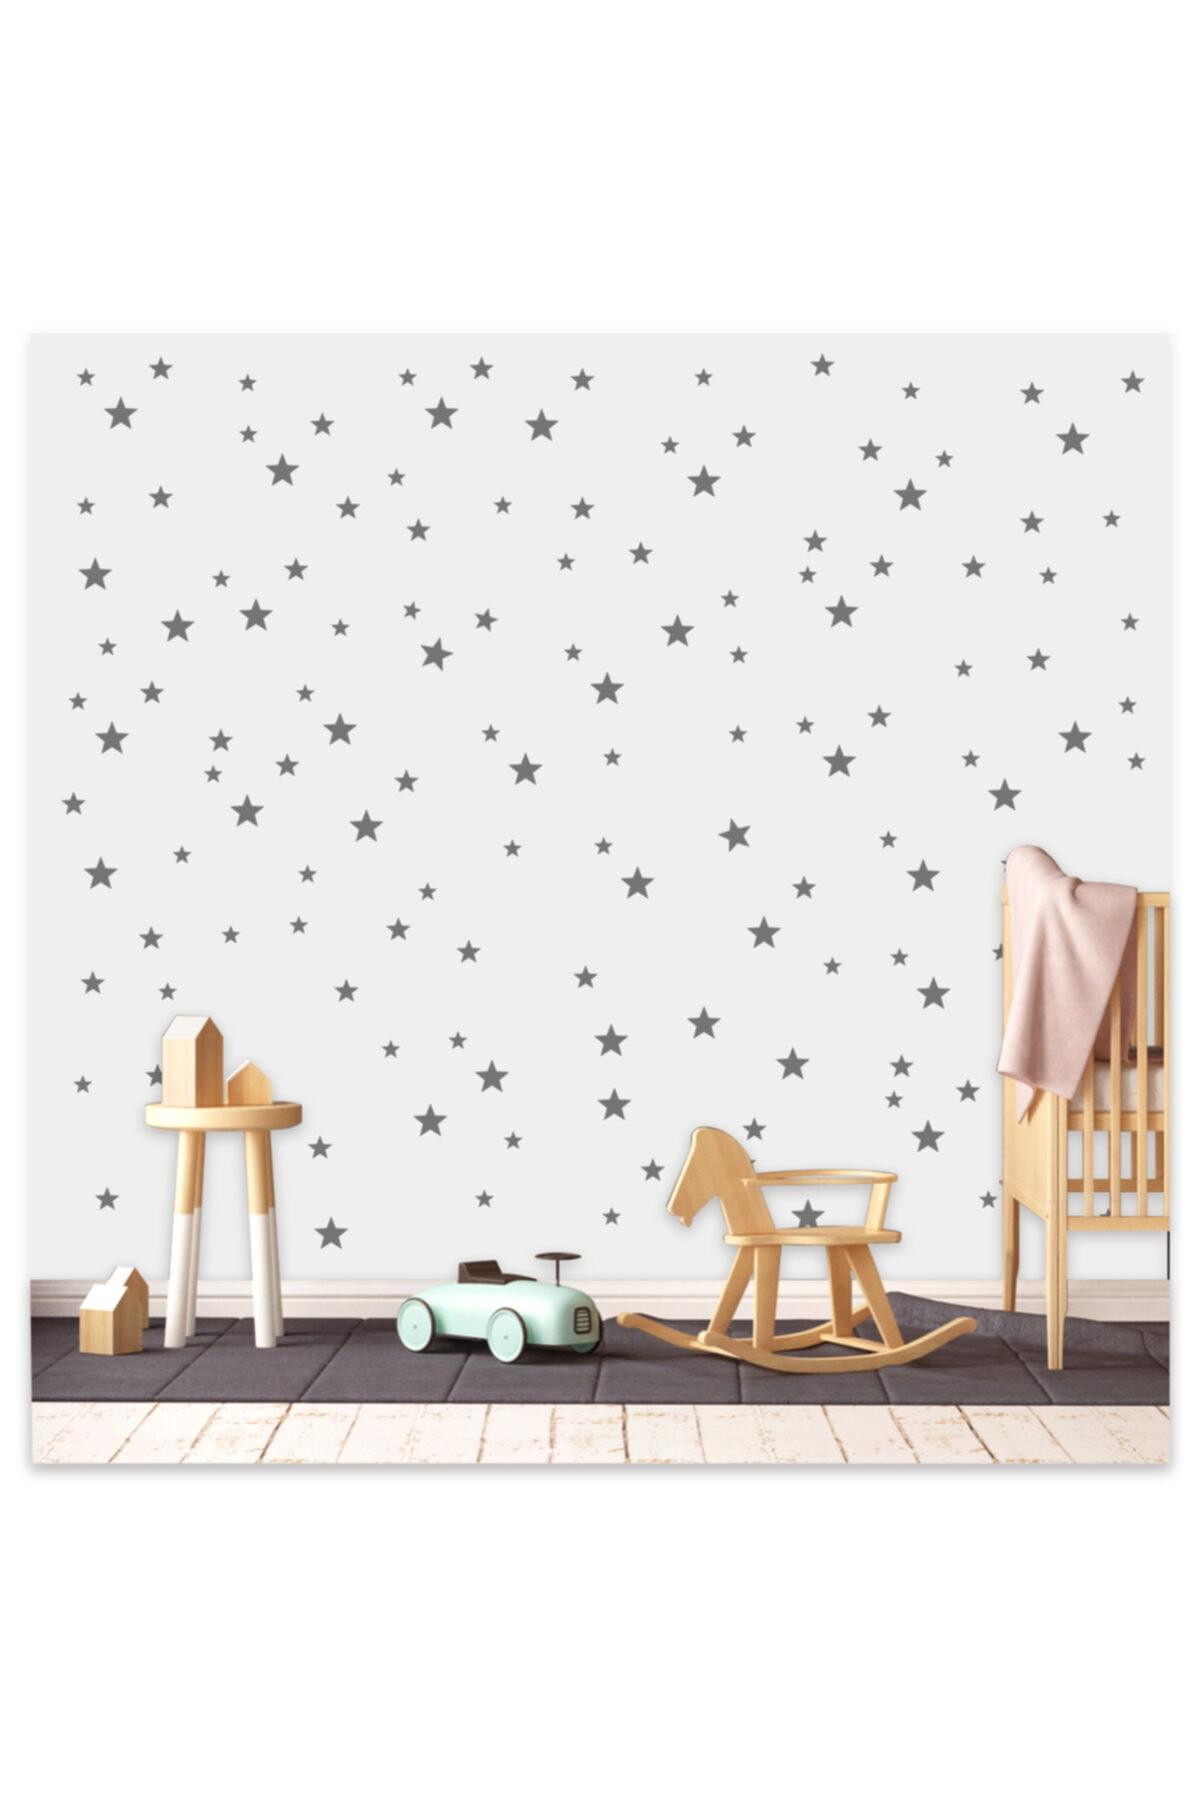 Bebek Ve Çocuk Odası Yıldız Seti 3,4,5 Cm 100 Adet